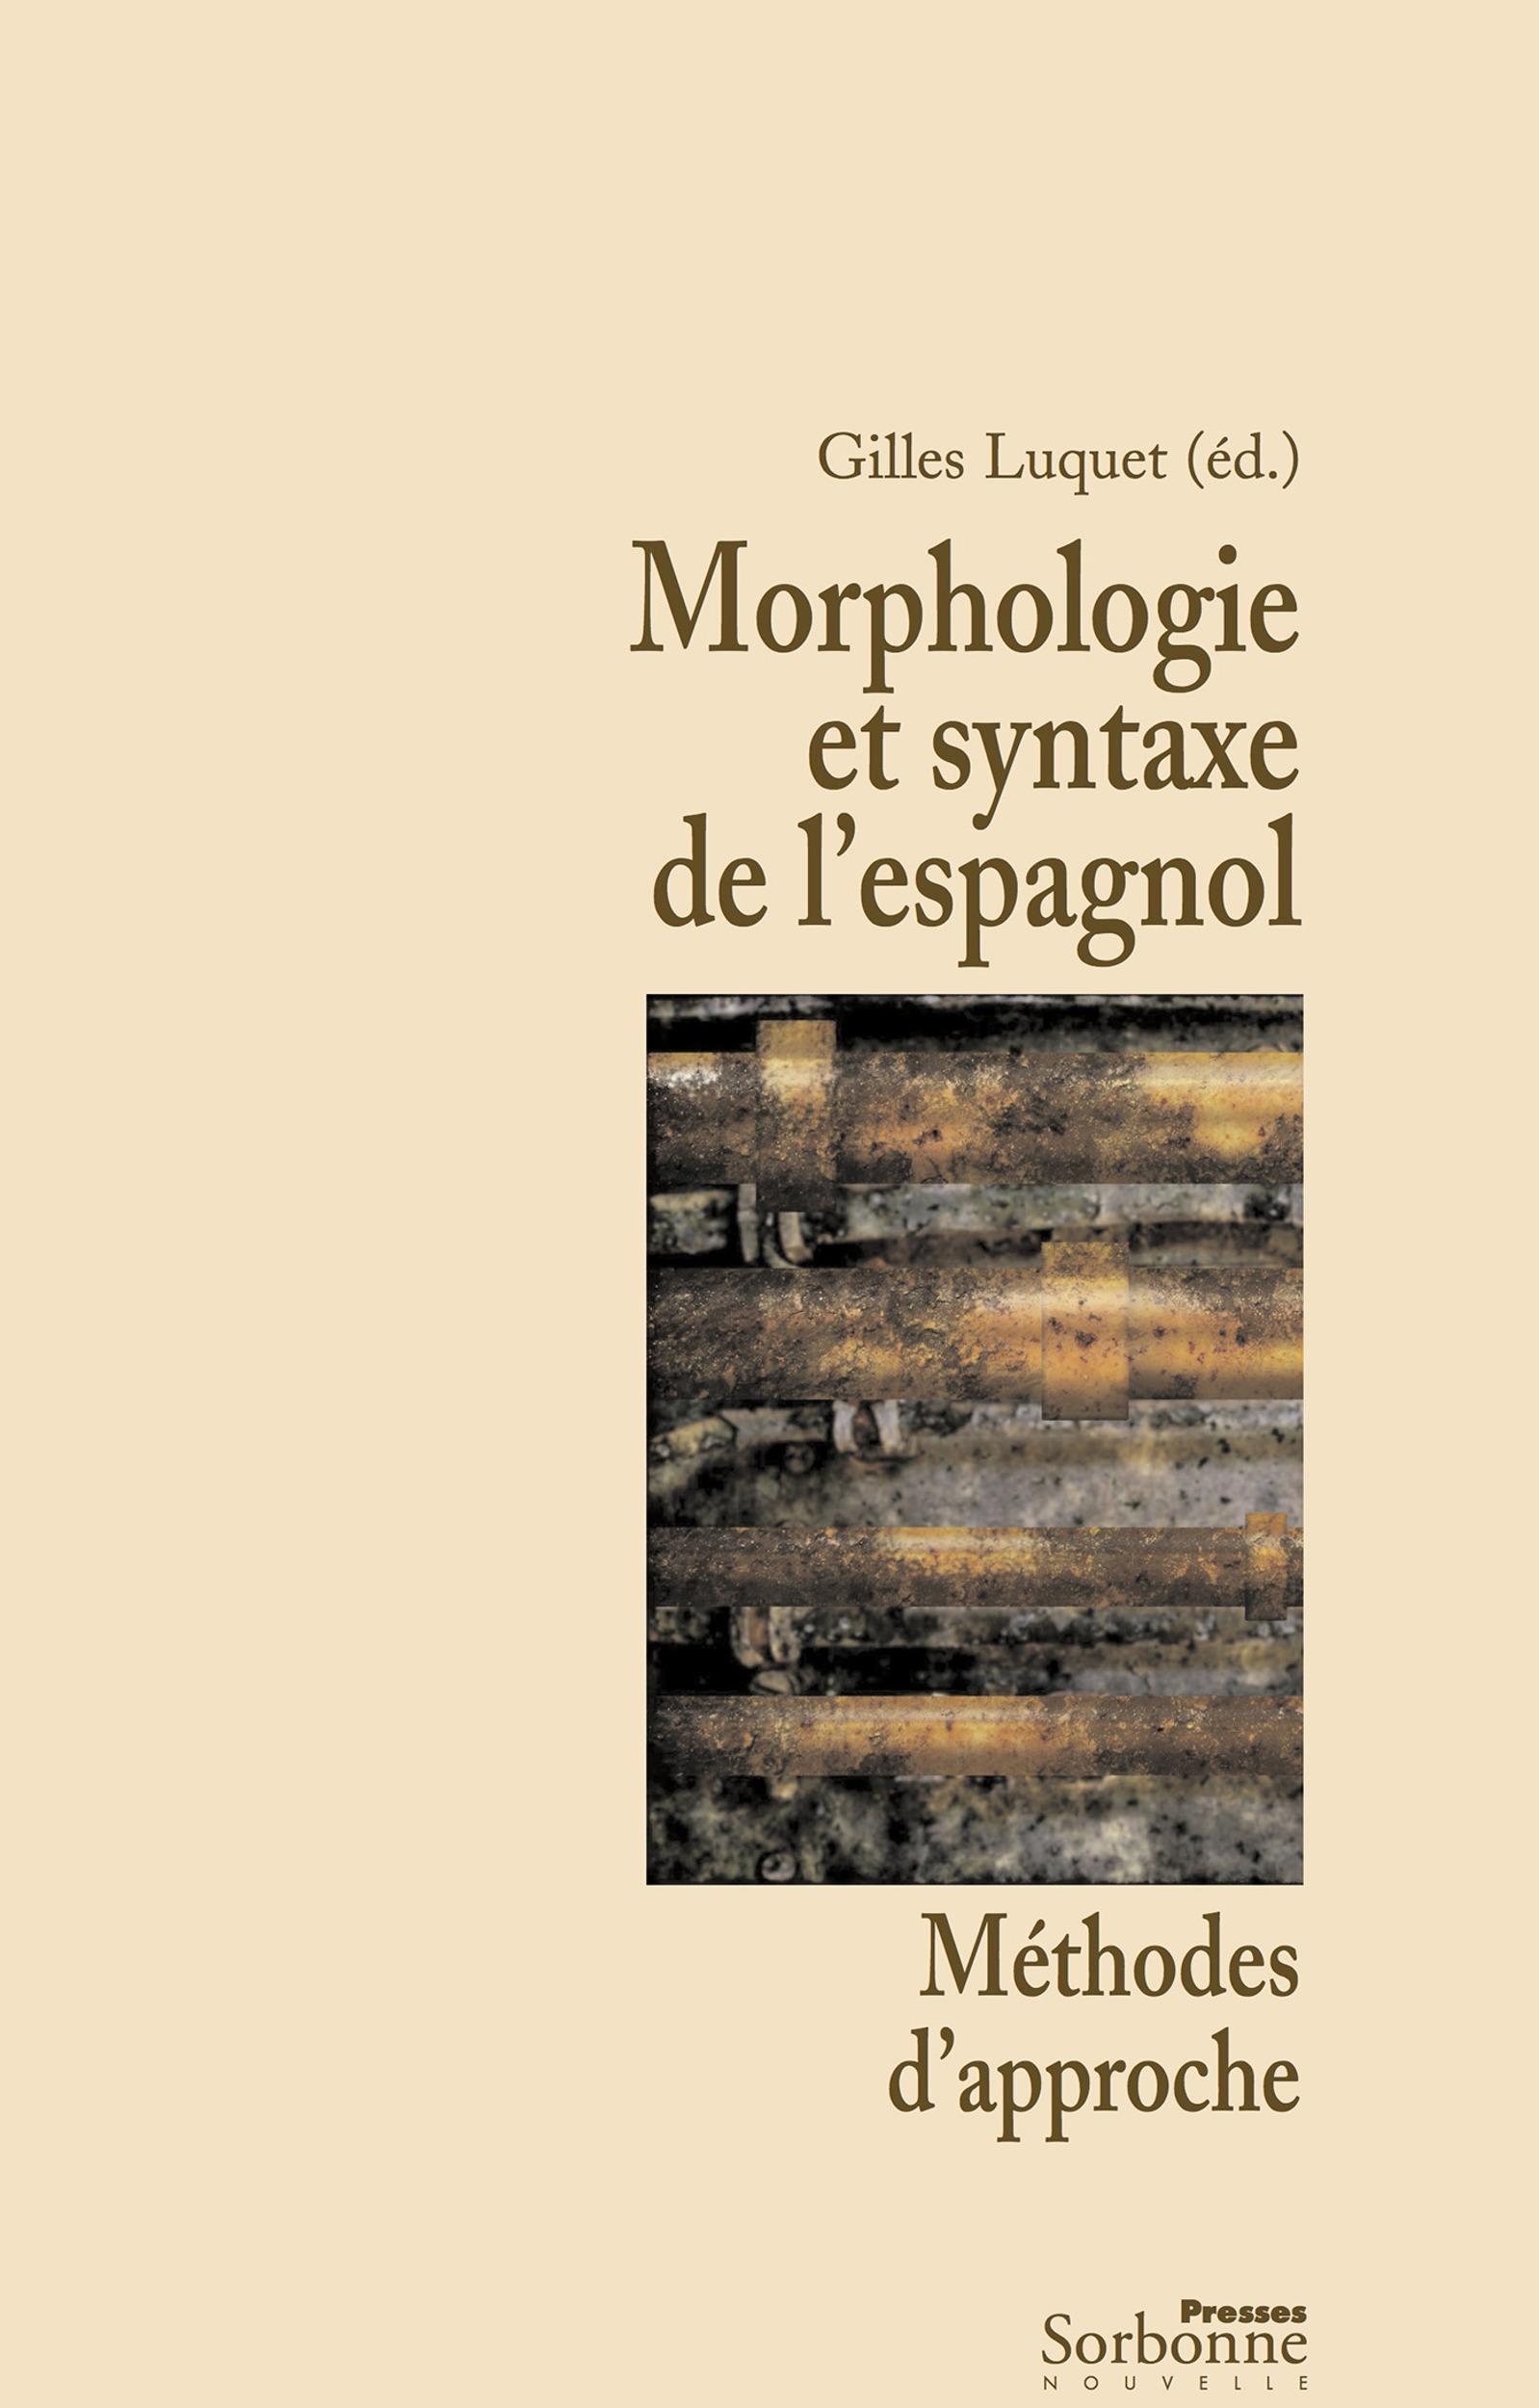 Morphologie et syntaxe de l'espagnol ; méthodes d'approche